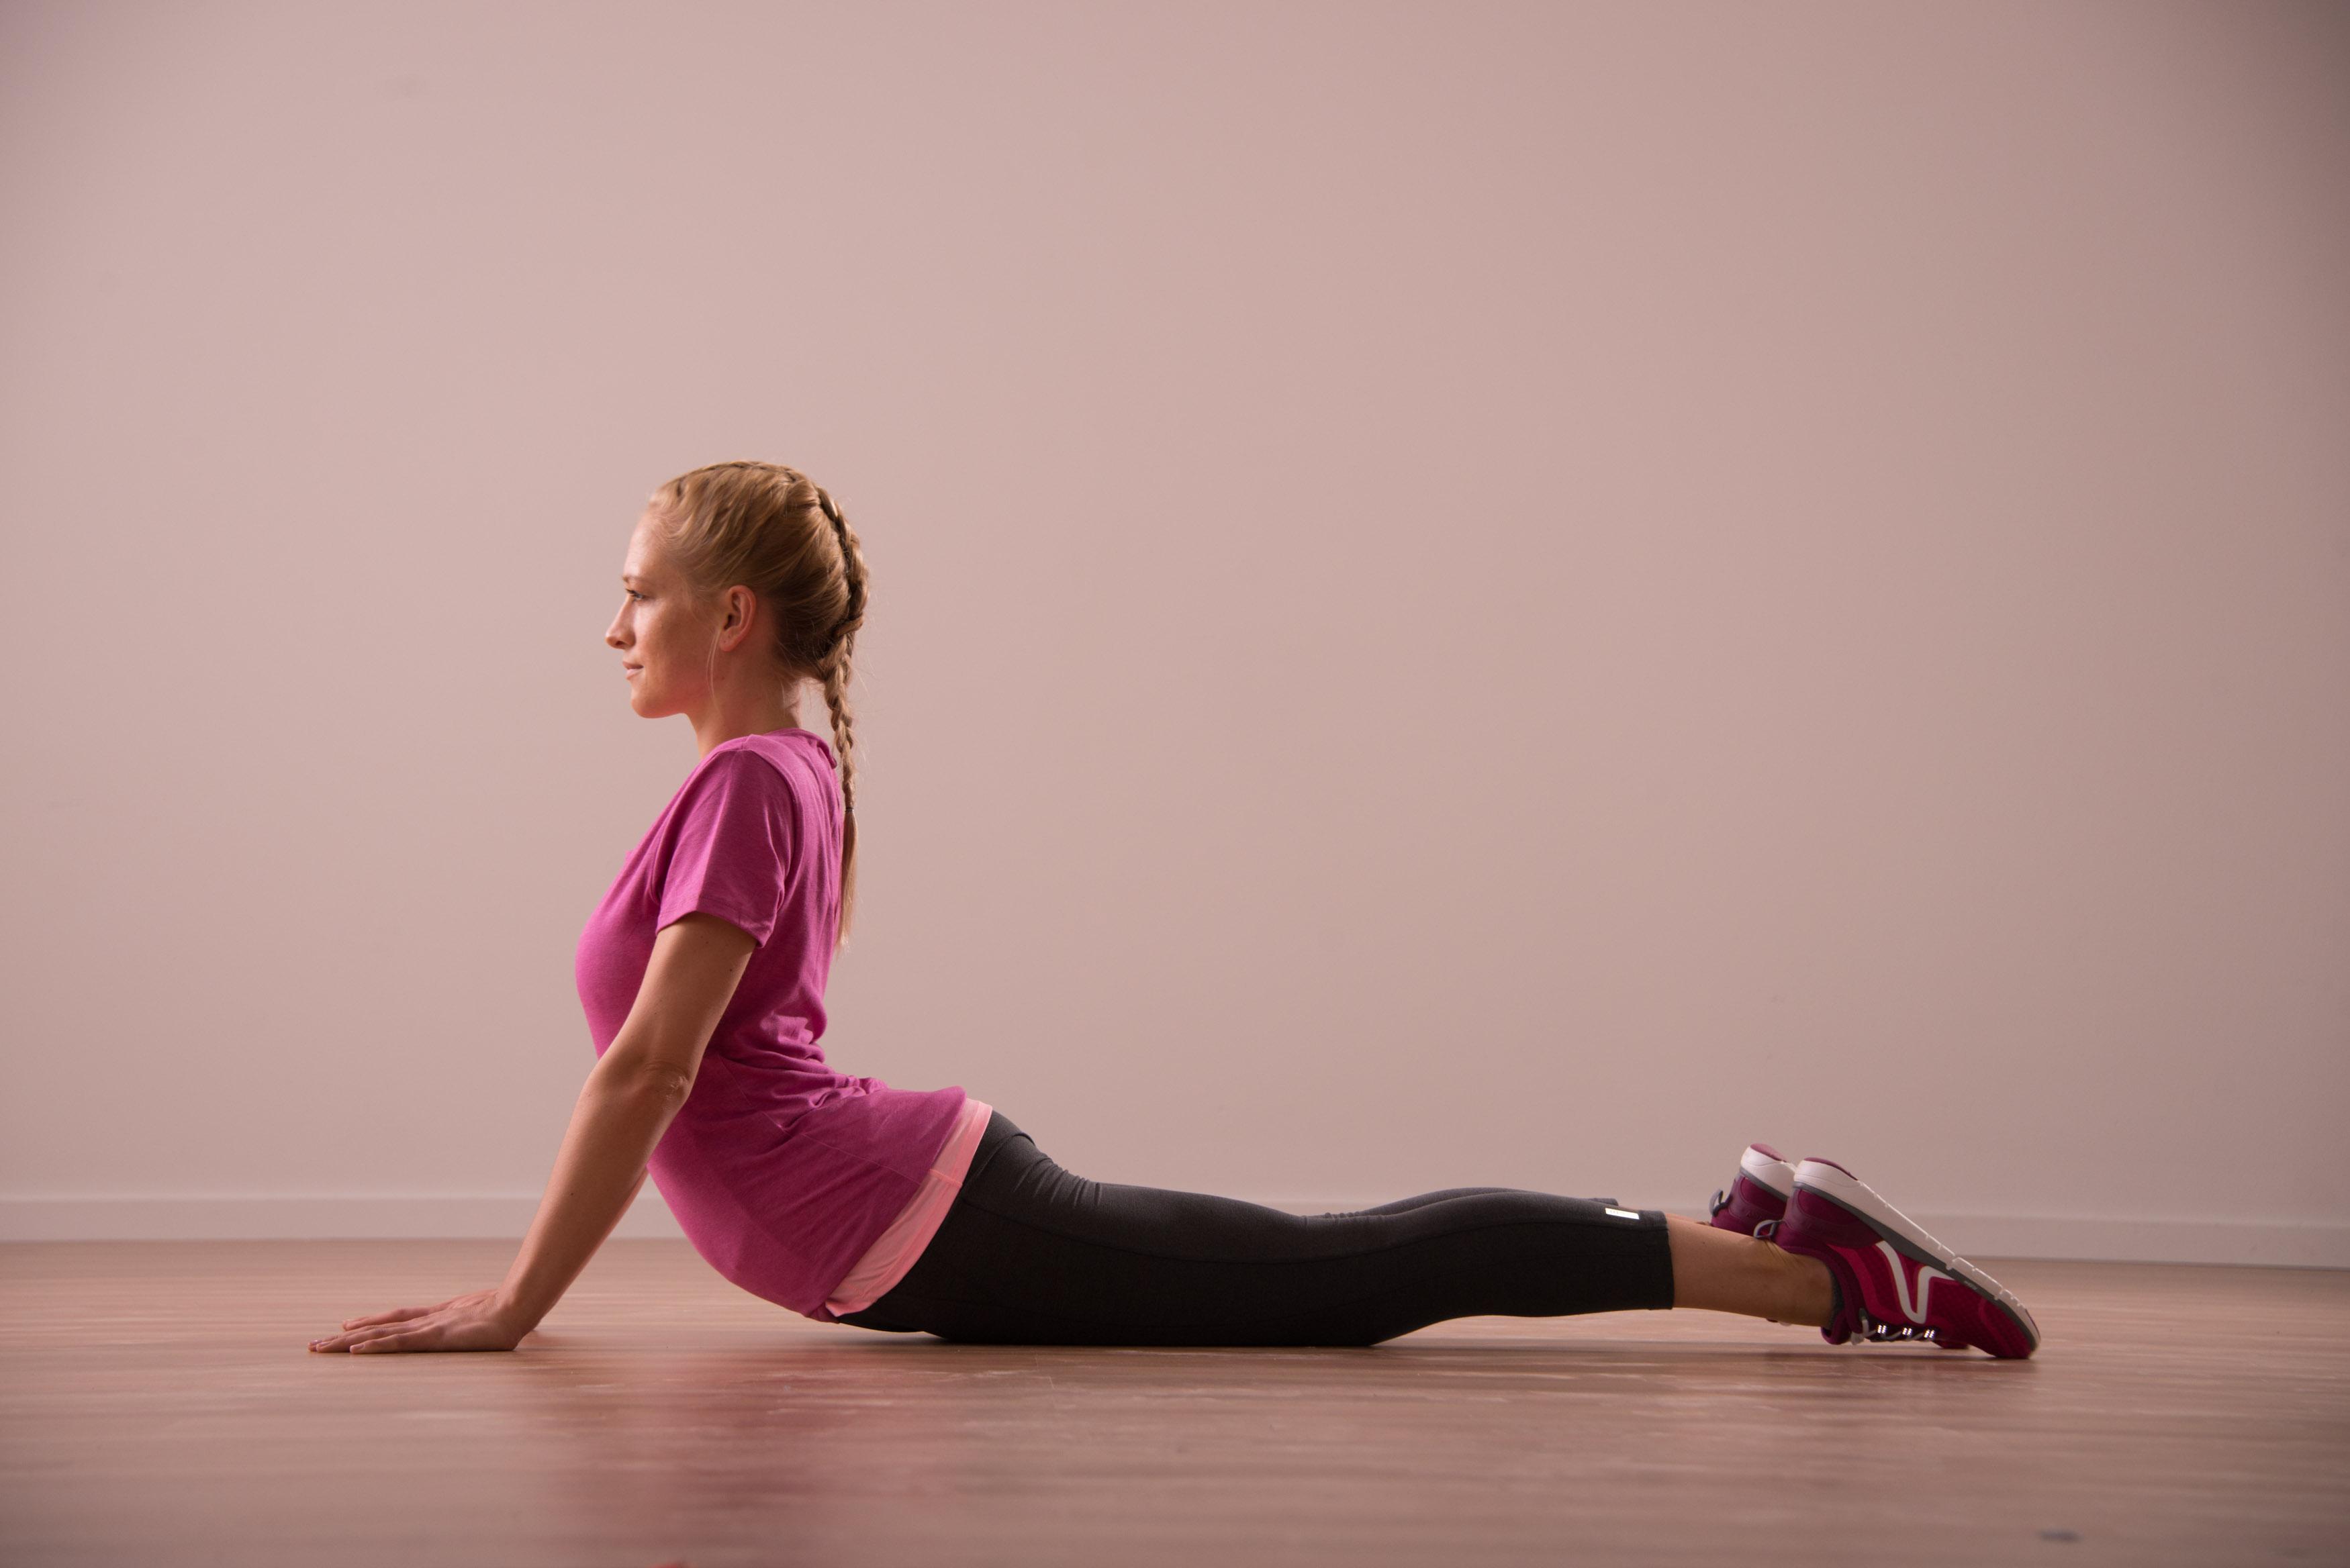 04_Fitness Model - Fitness App